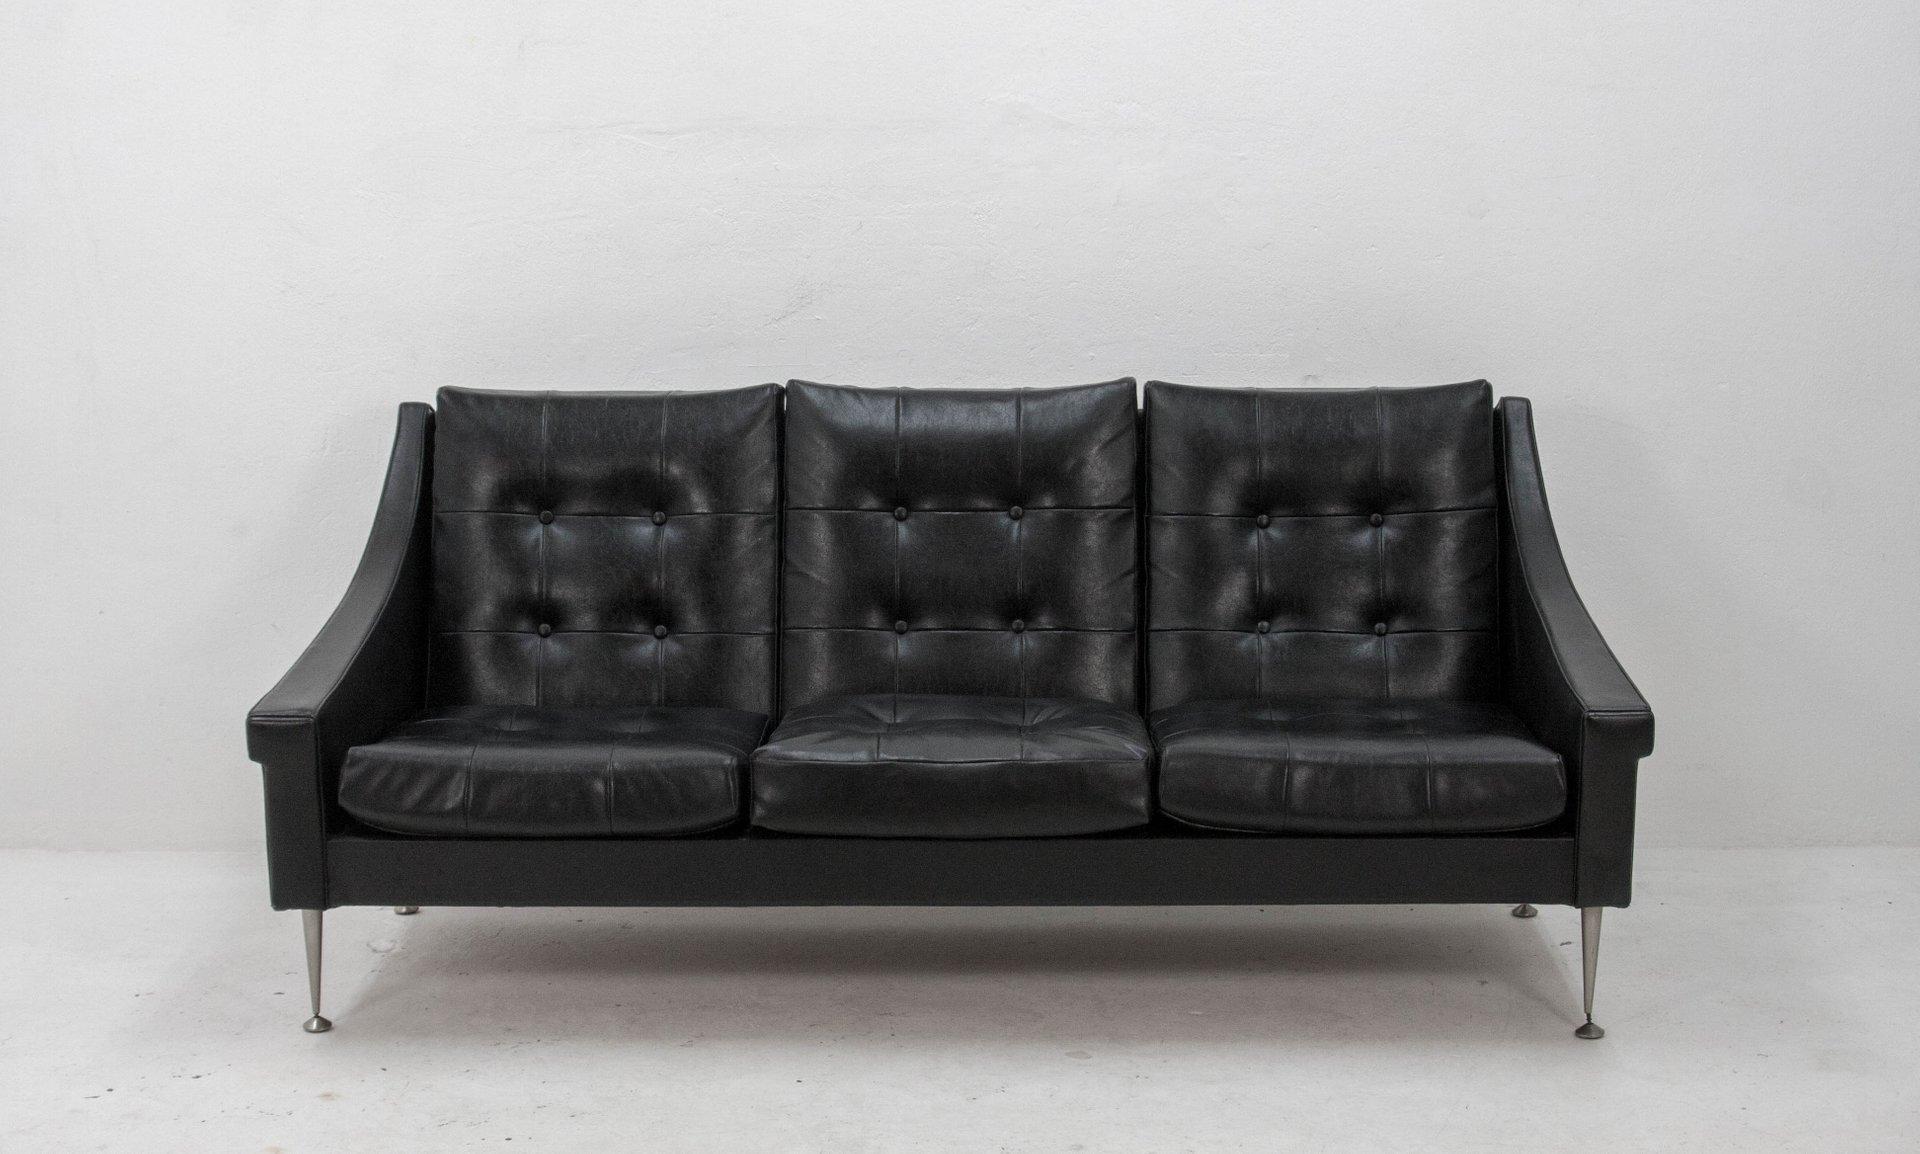 Drei sitzer sofa 1950er bei pamono kaufen for Sofa 7 sitzer